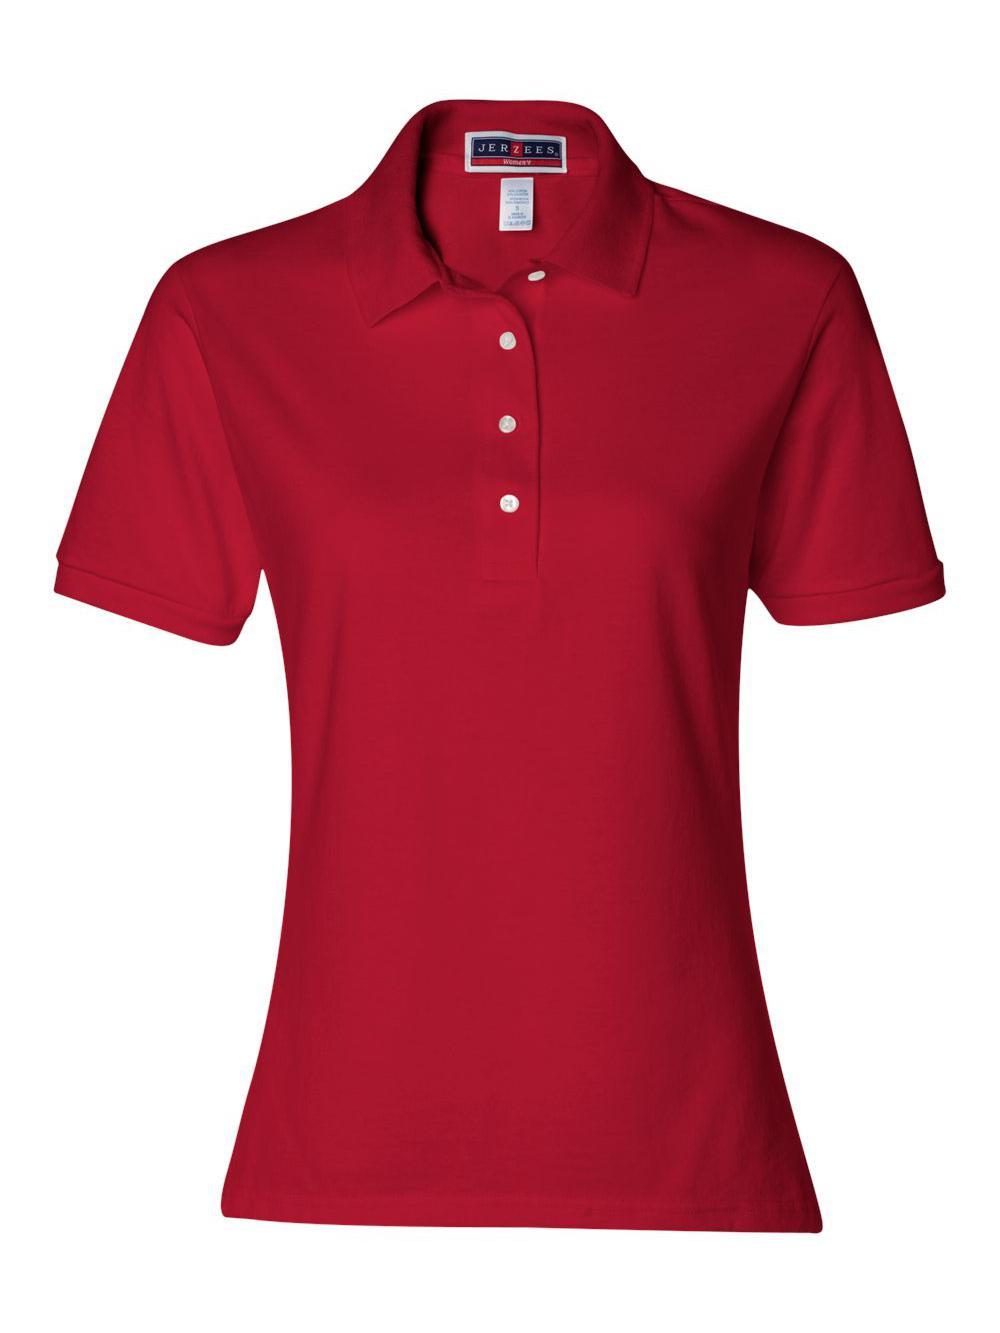 Jerzees-Women-039-s-Spotshield-50-50-Sport-Shirt-437WR thumbnail 33